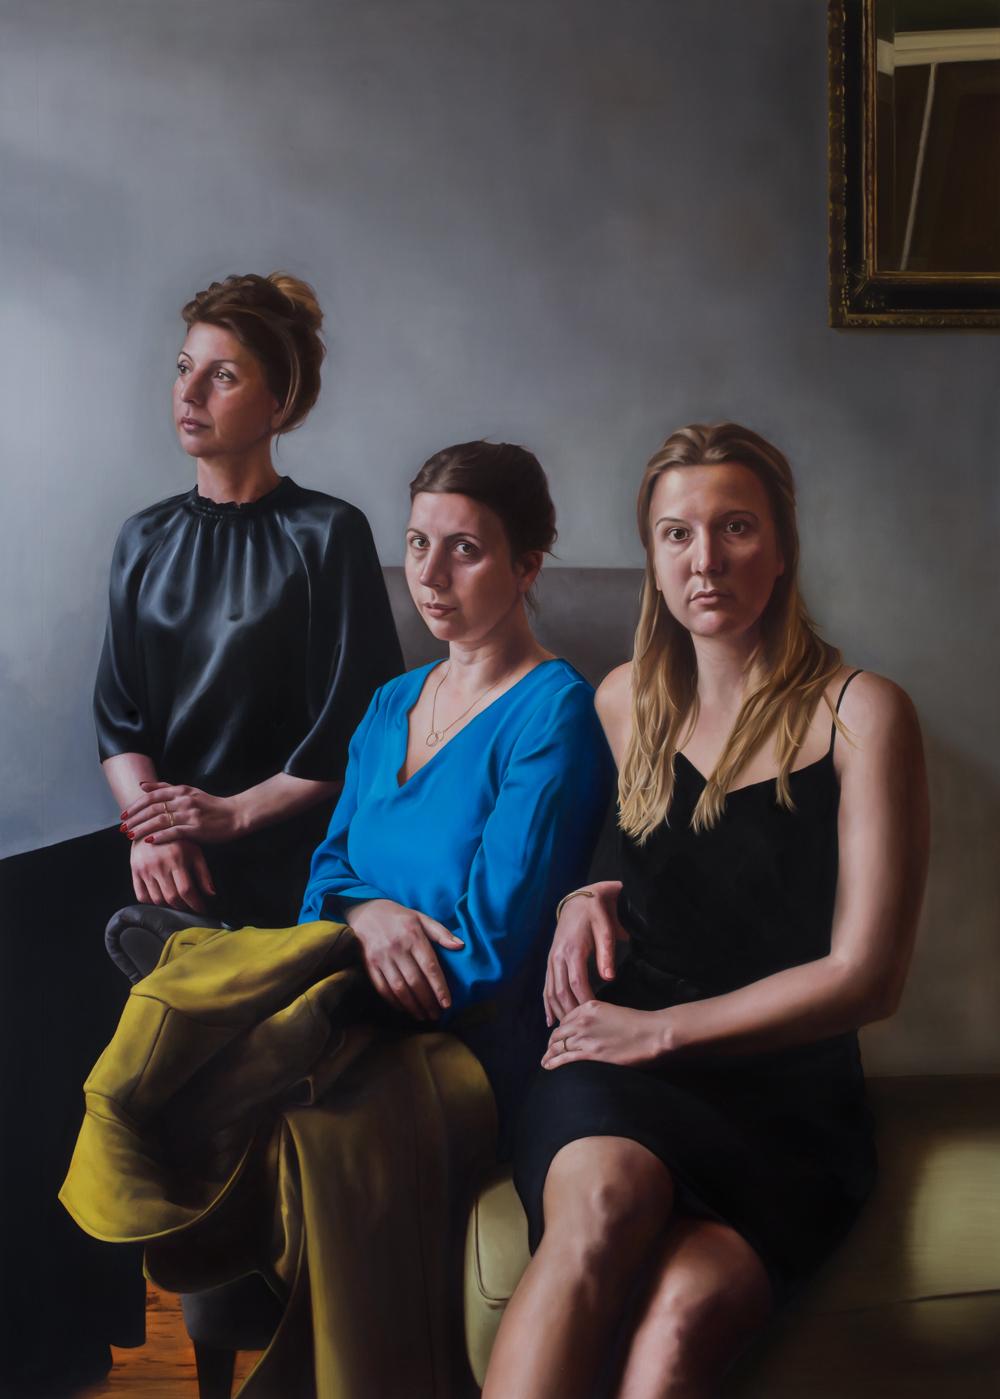 """""""Sisters"""" - 2019 Oil on canvas (160 x 115) Genomineerd voor 'De Nederlandse Portretprijs'.  Van 1 september tot en met 17 november 2018 te zien in Slot Zeist te Zeist."""